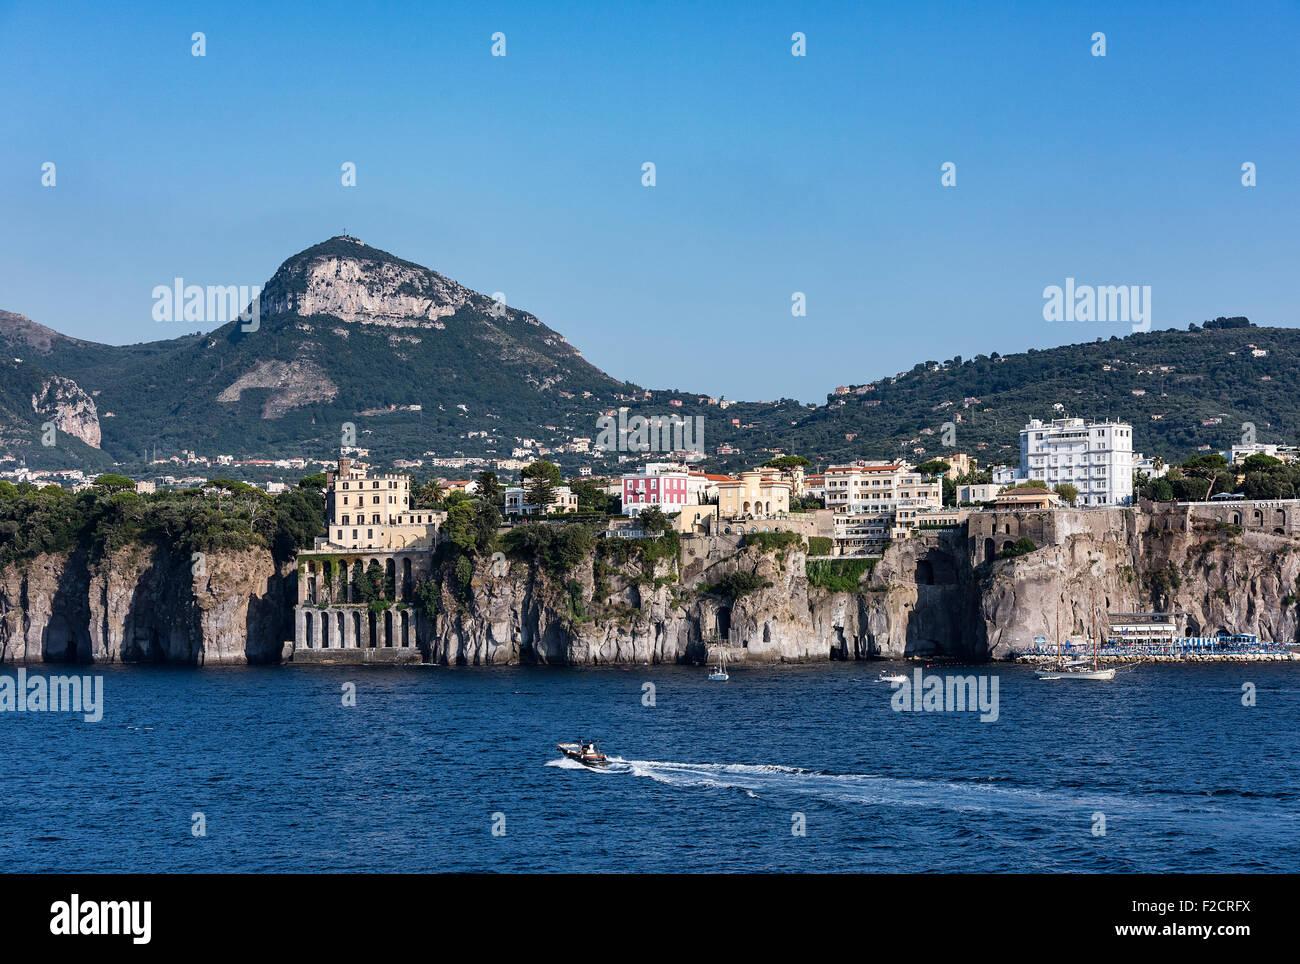 Acantilados y arquitectura Waterfront, Sorrento, Italia Imagen De Stock